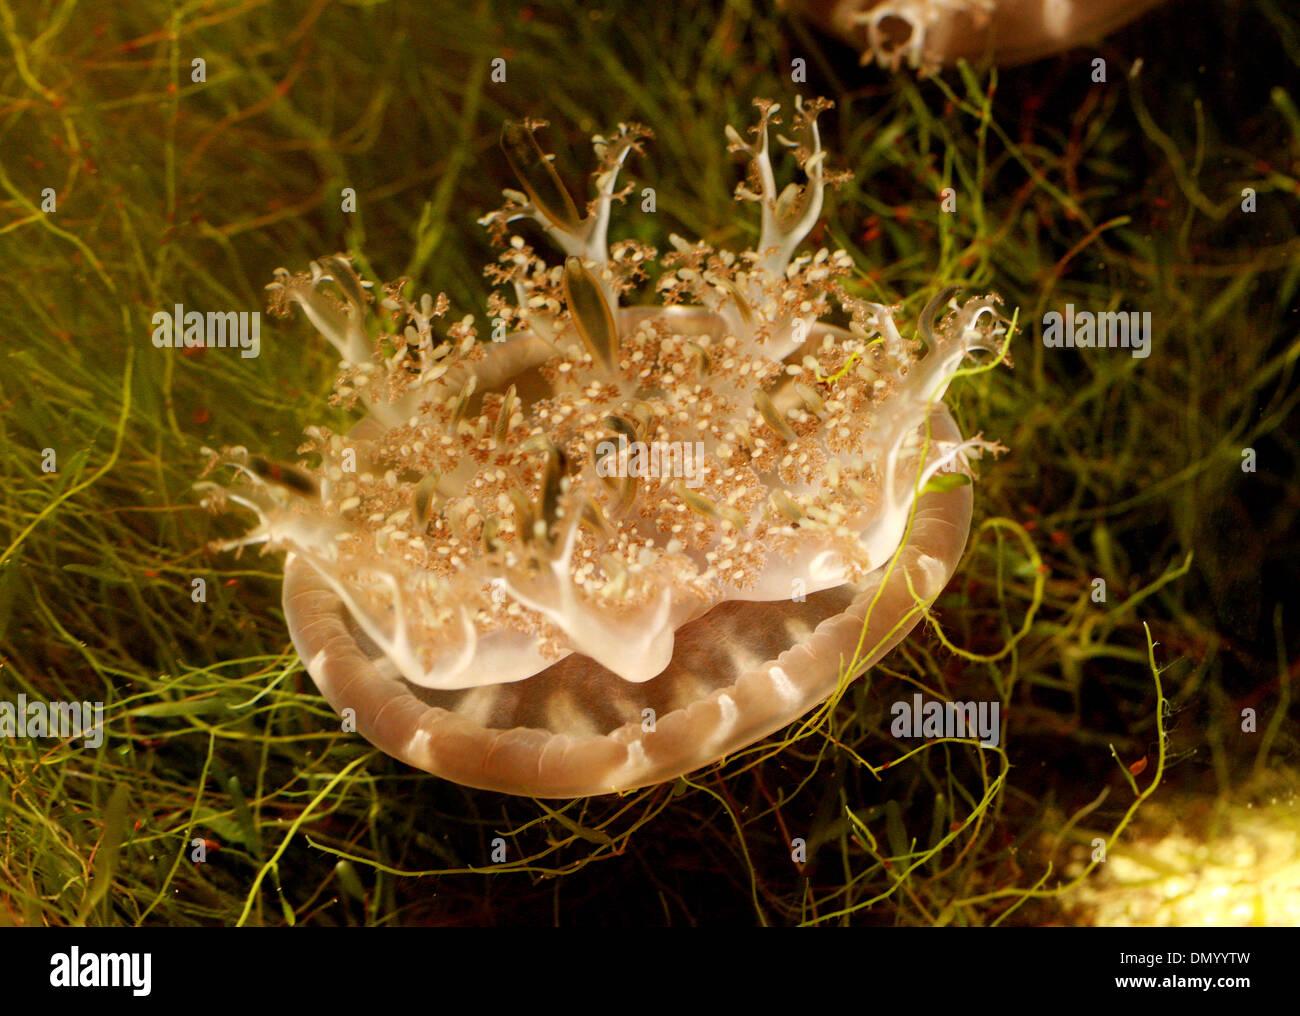 Upside Down Jellyfish, Cassiopea Ornata, Rhizostomeae, Cassiopeidae, Abstammungsverhältnisse Hautverletzungen. Philippinen, Asien. Stockfoto